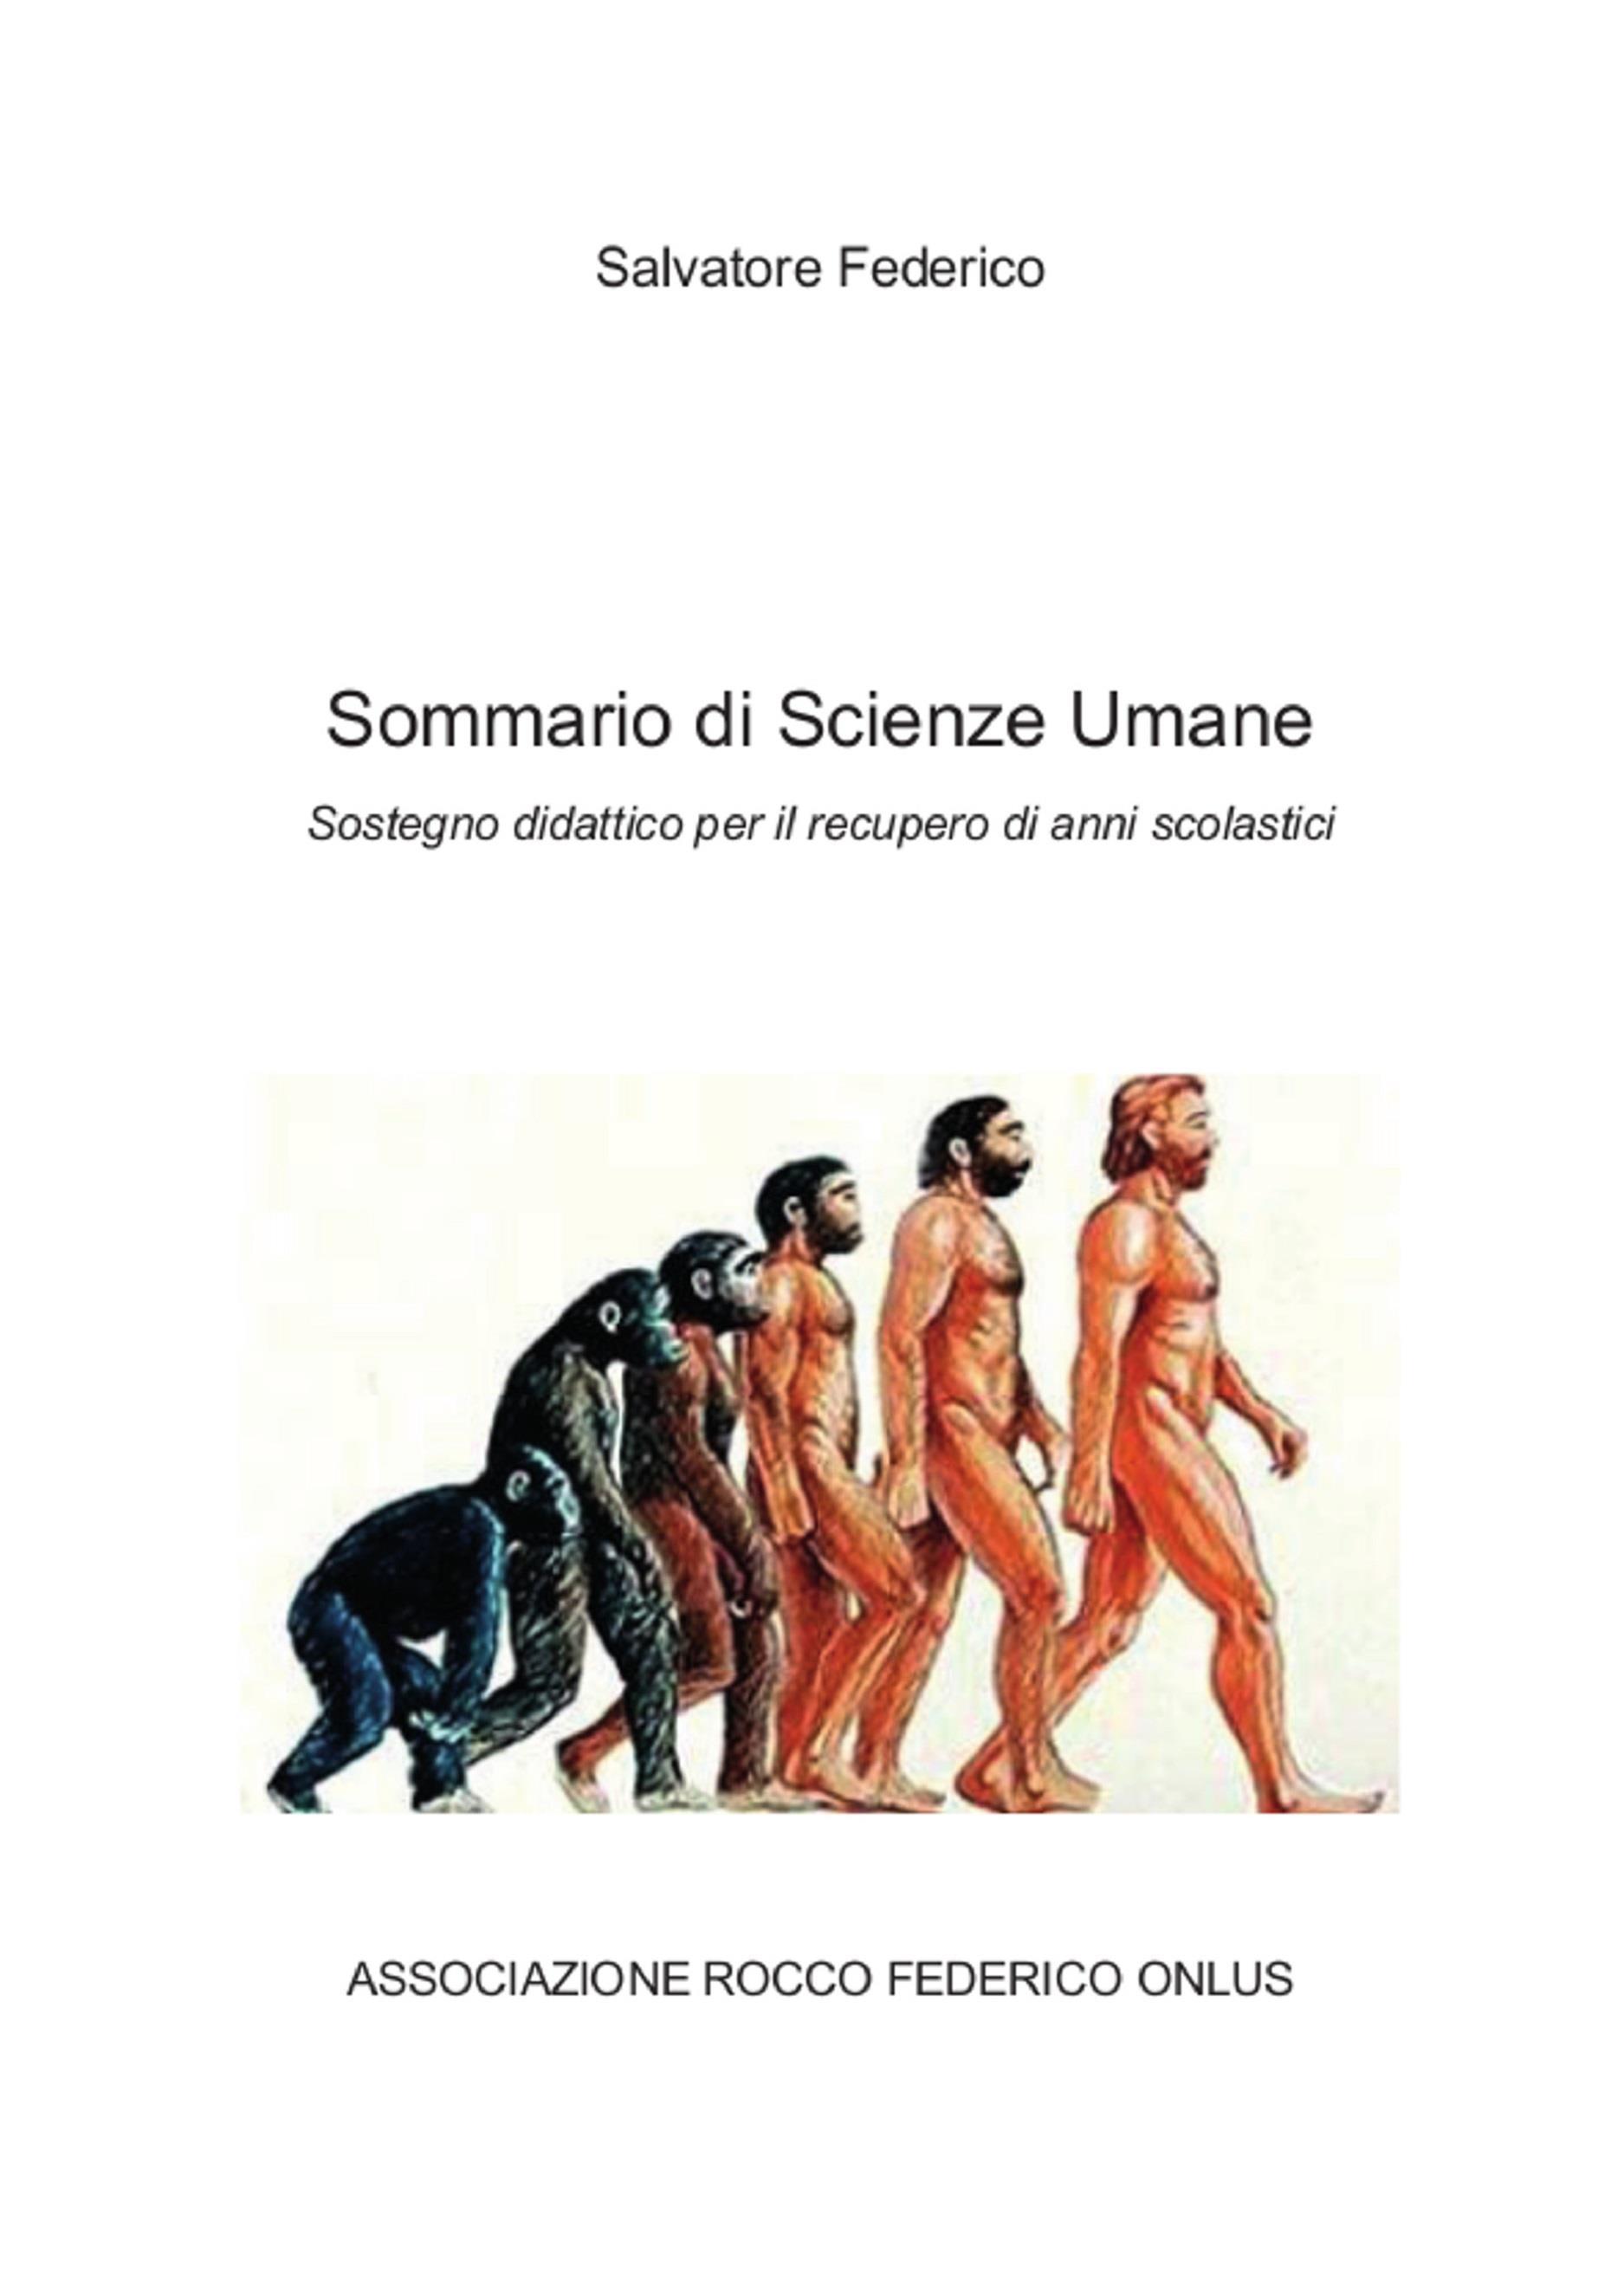 Sommario di Scienze Umane